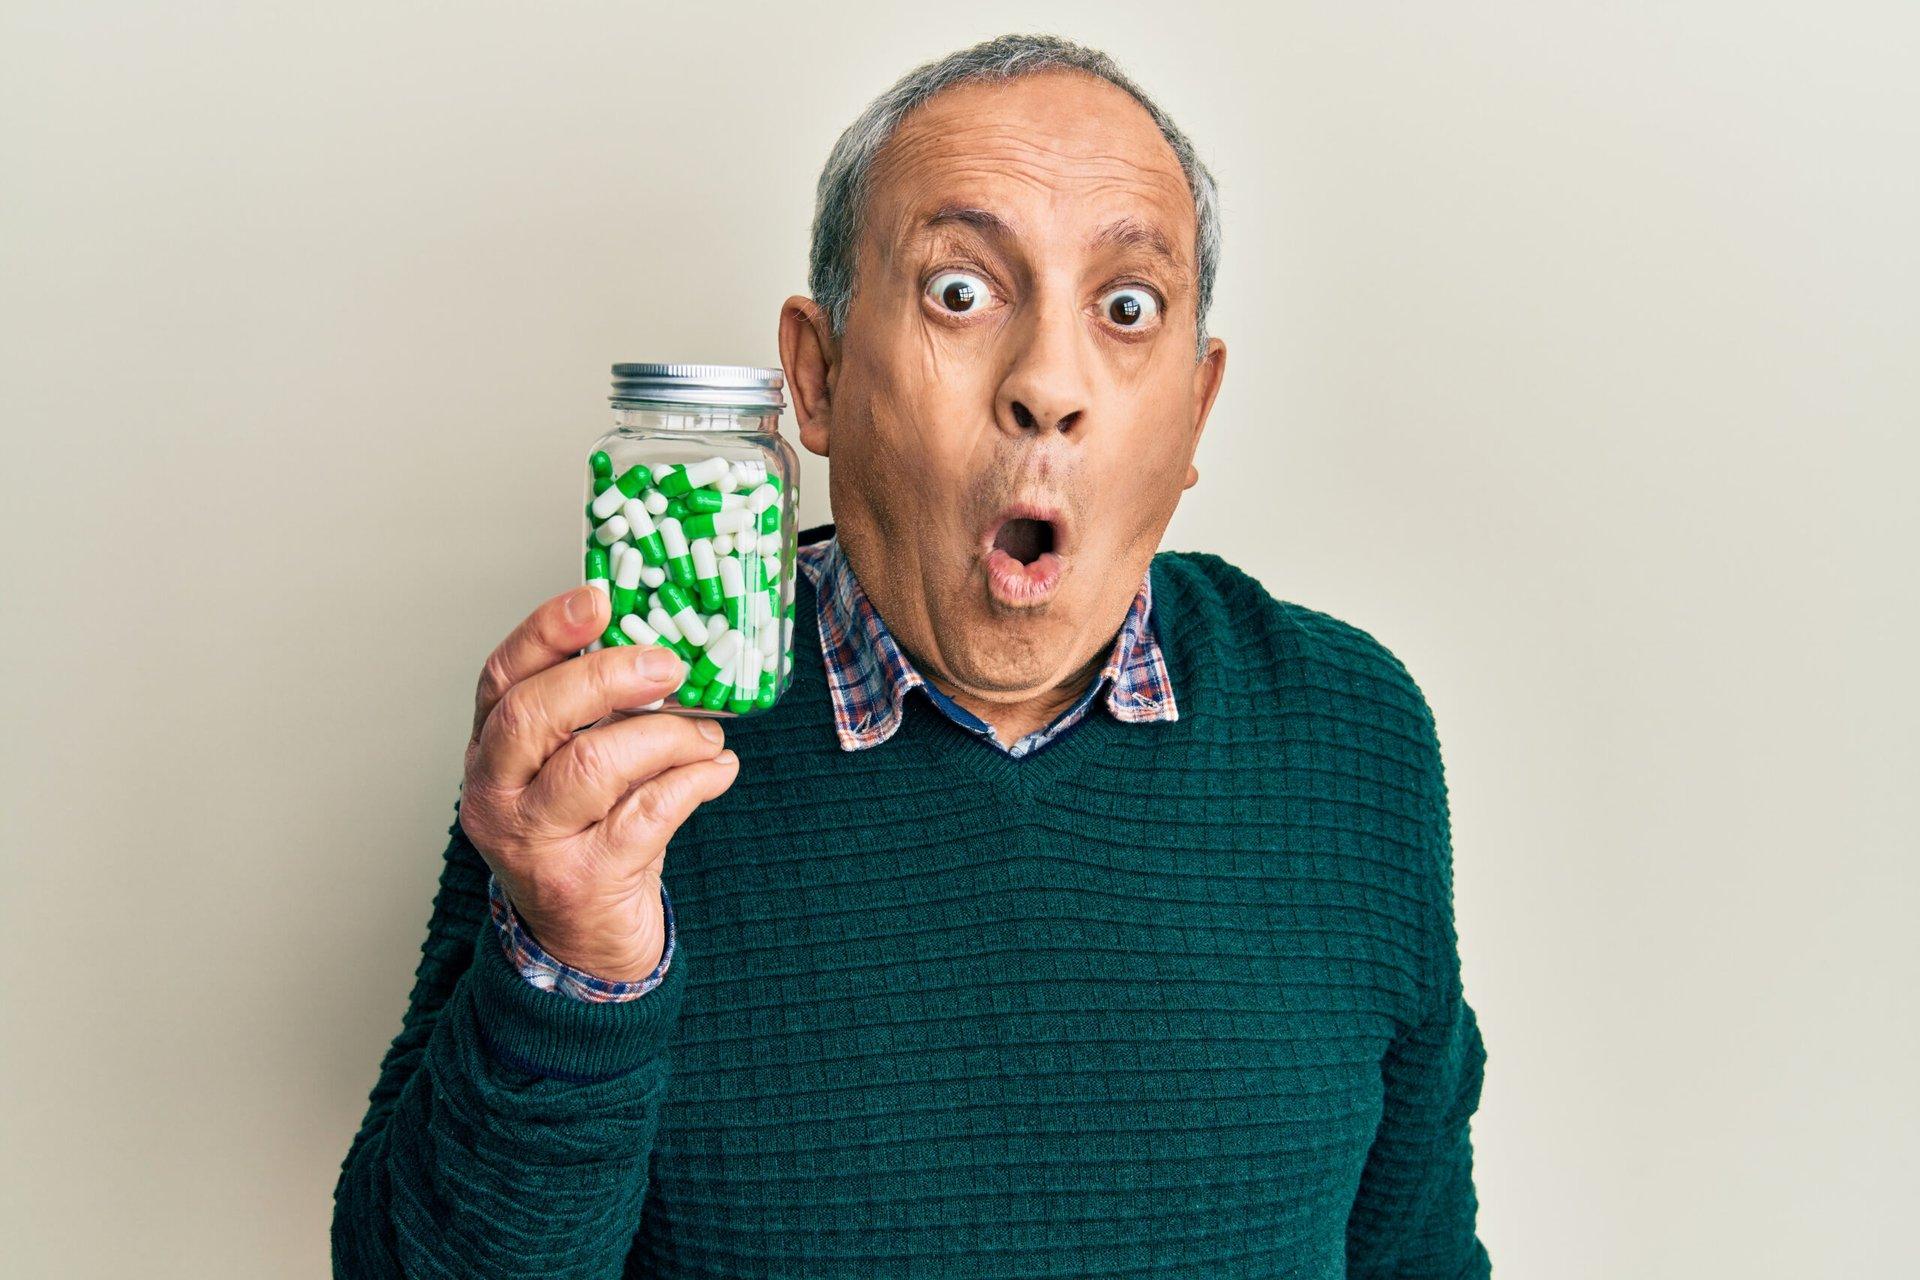 Frightened man holding bottle of pills